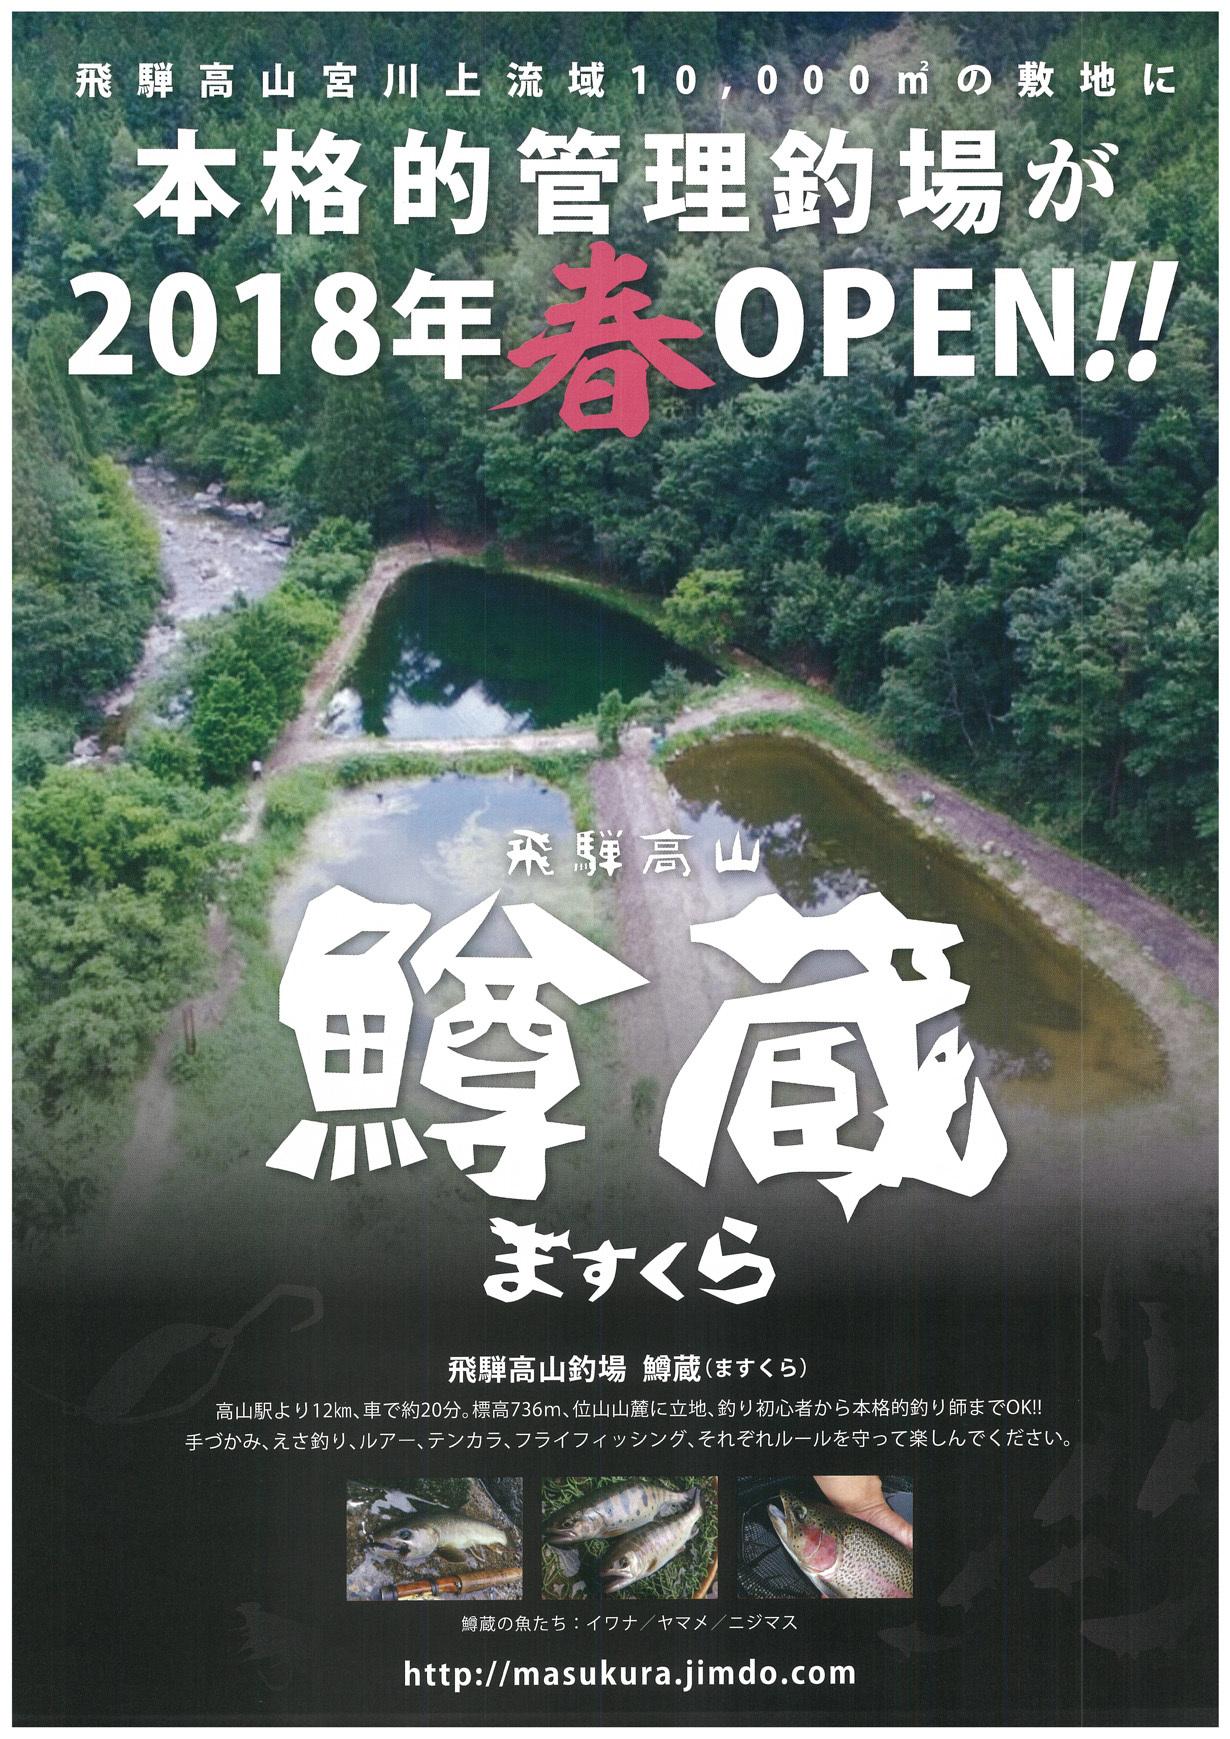 飛騨高山に新エリアオープン!鱒蔵2018.4.21デビュー!